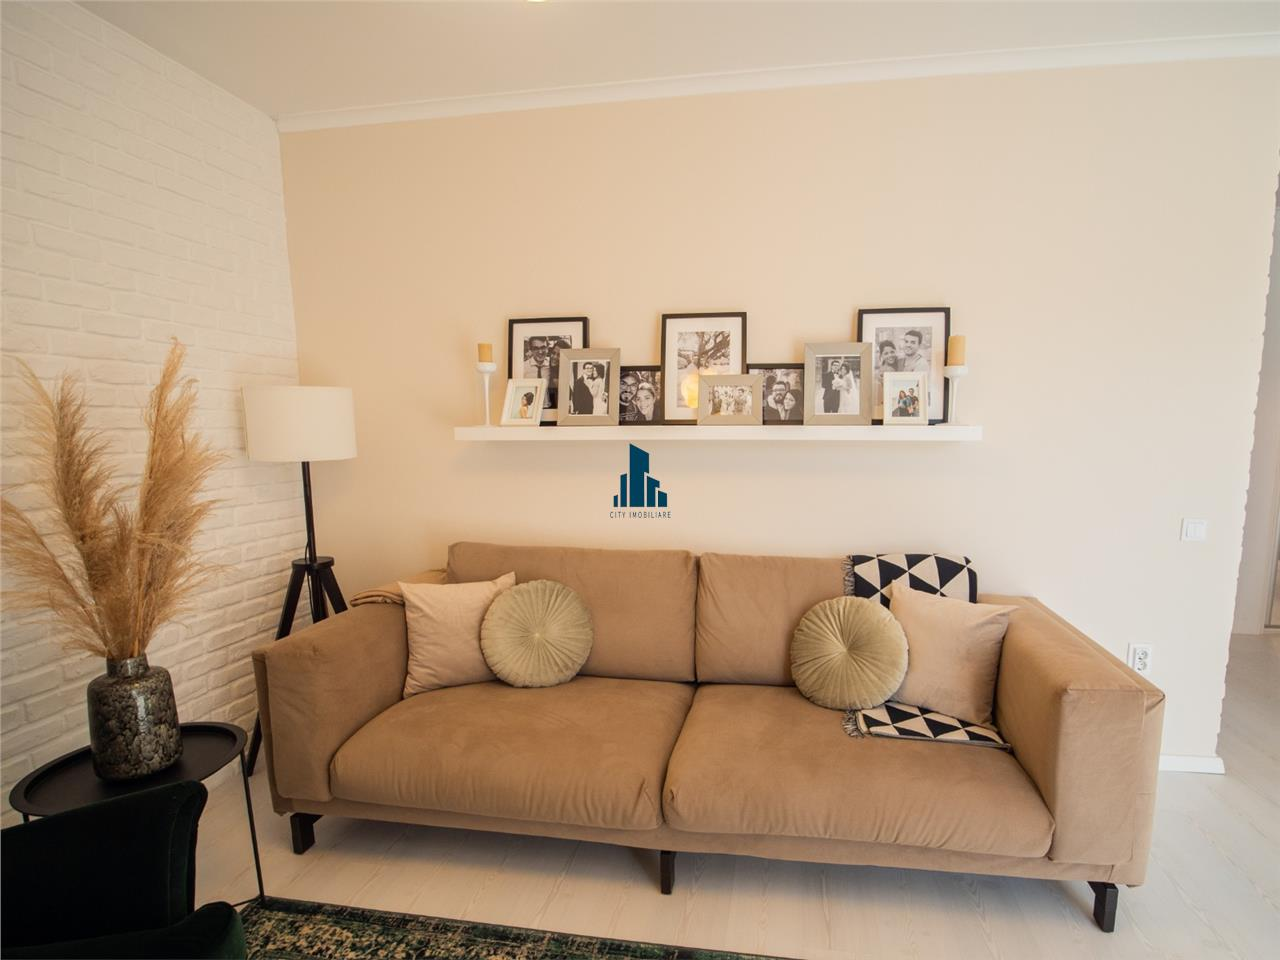 Apartament 3 camere, Lux, S80 mp+30 mp terasa, bloc nou, Buna Ziua